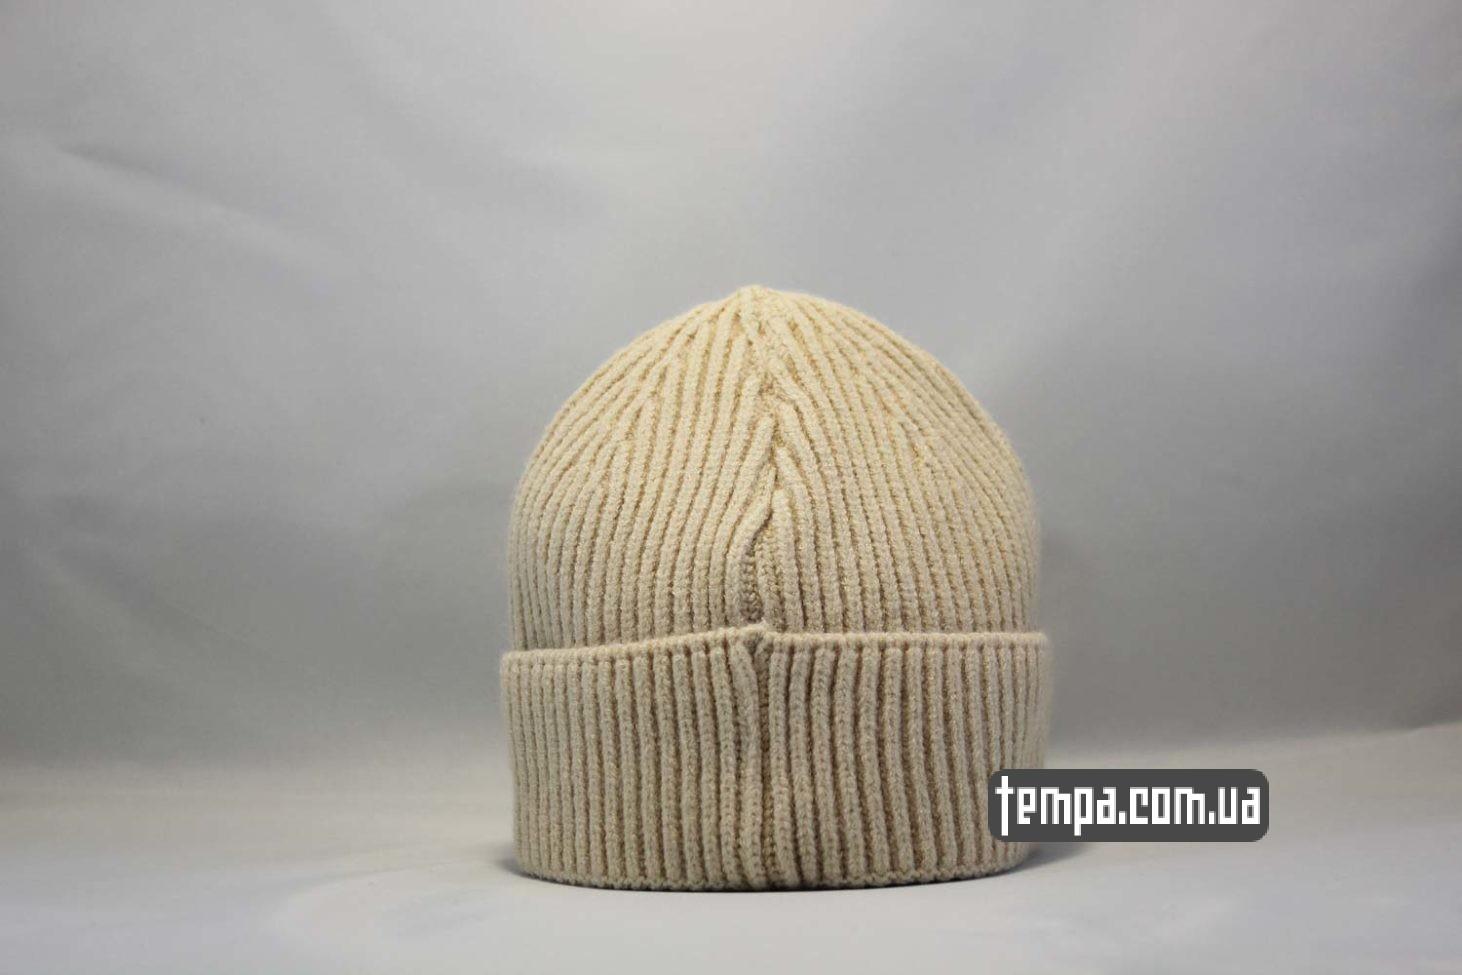 бини магазин одежды шапка beanie Carhartt бежевая купить Украина